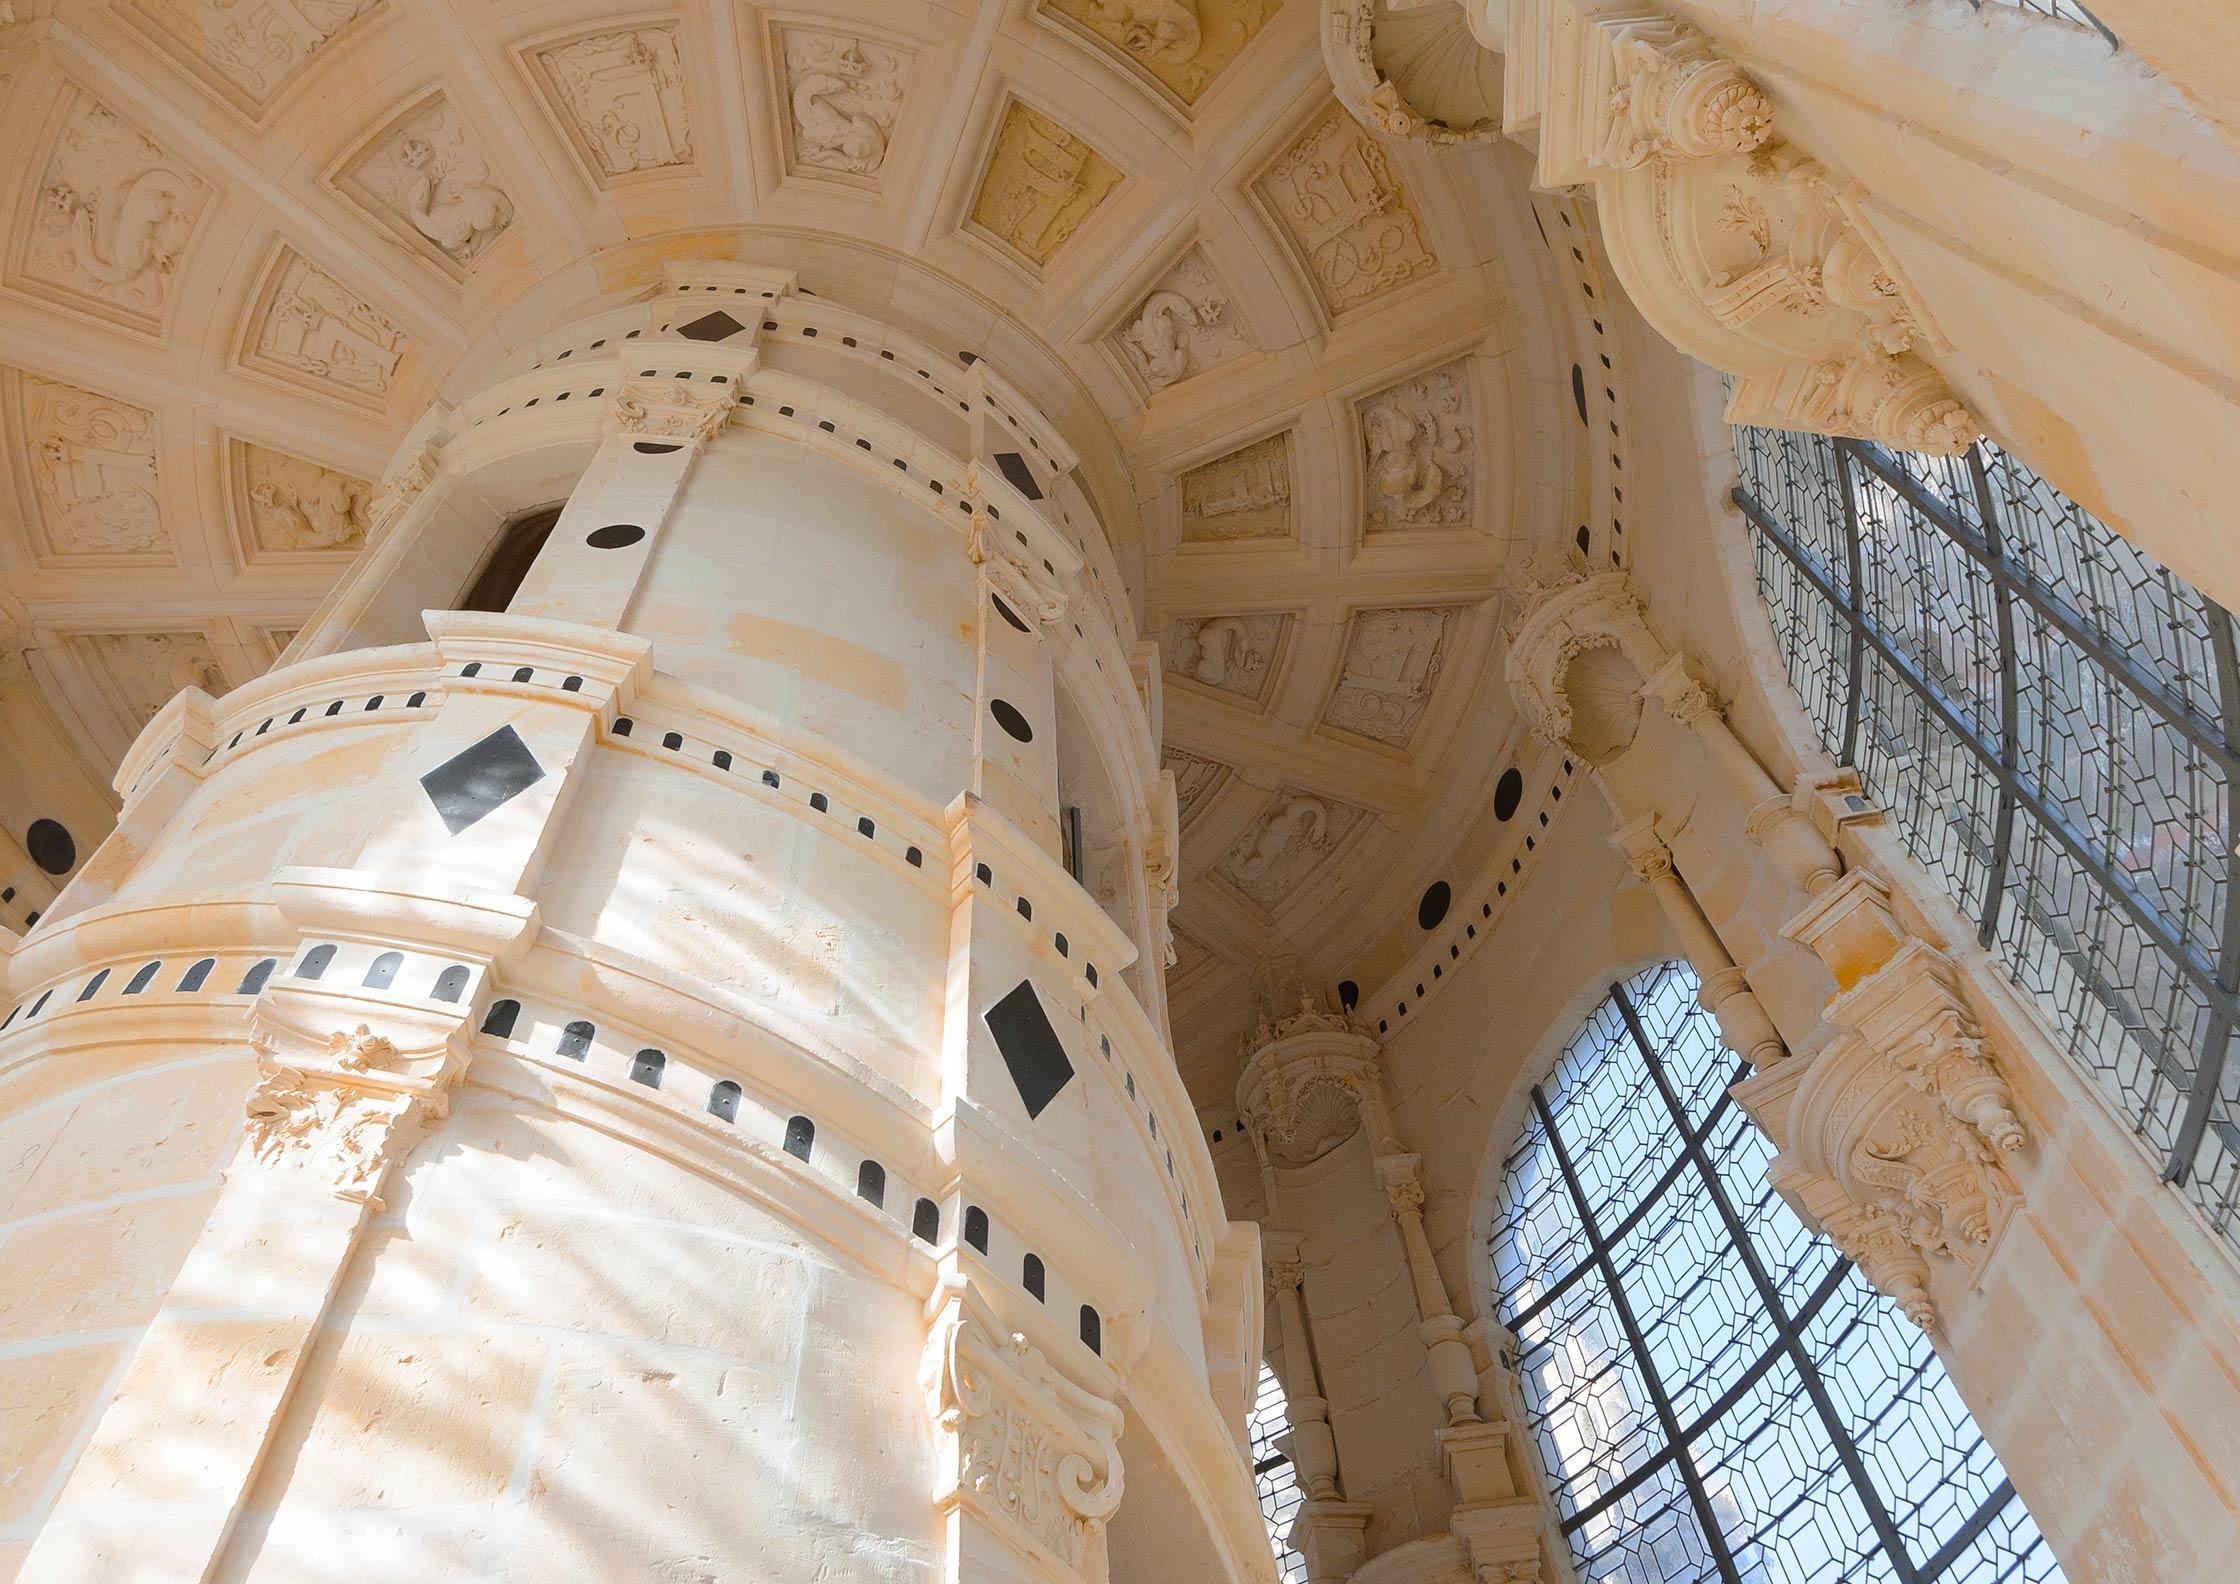 Tour lanterne du château de Chambord